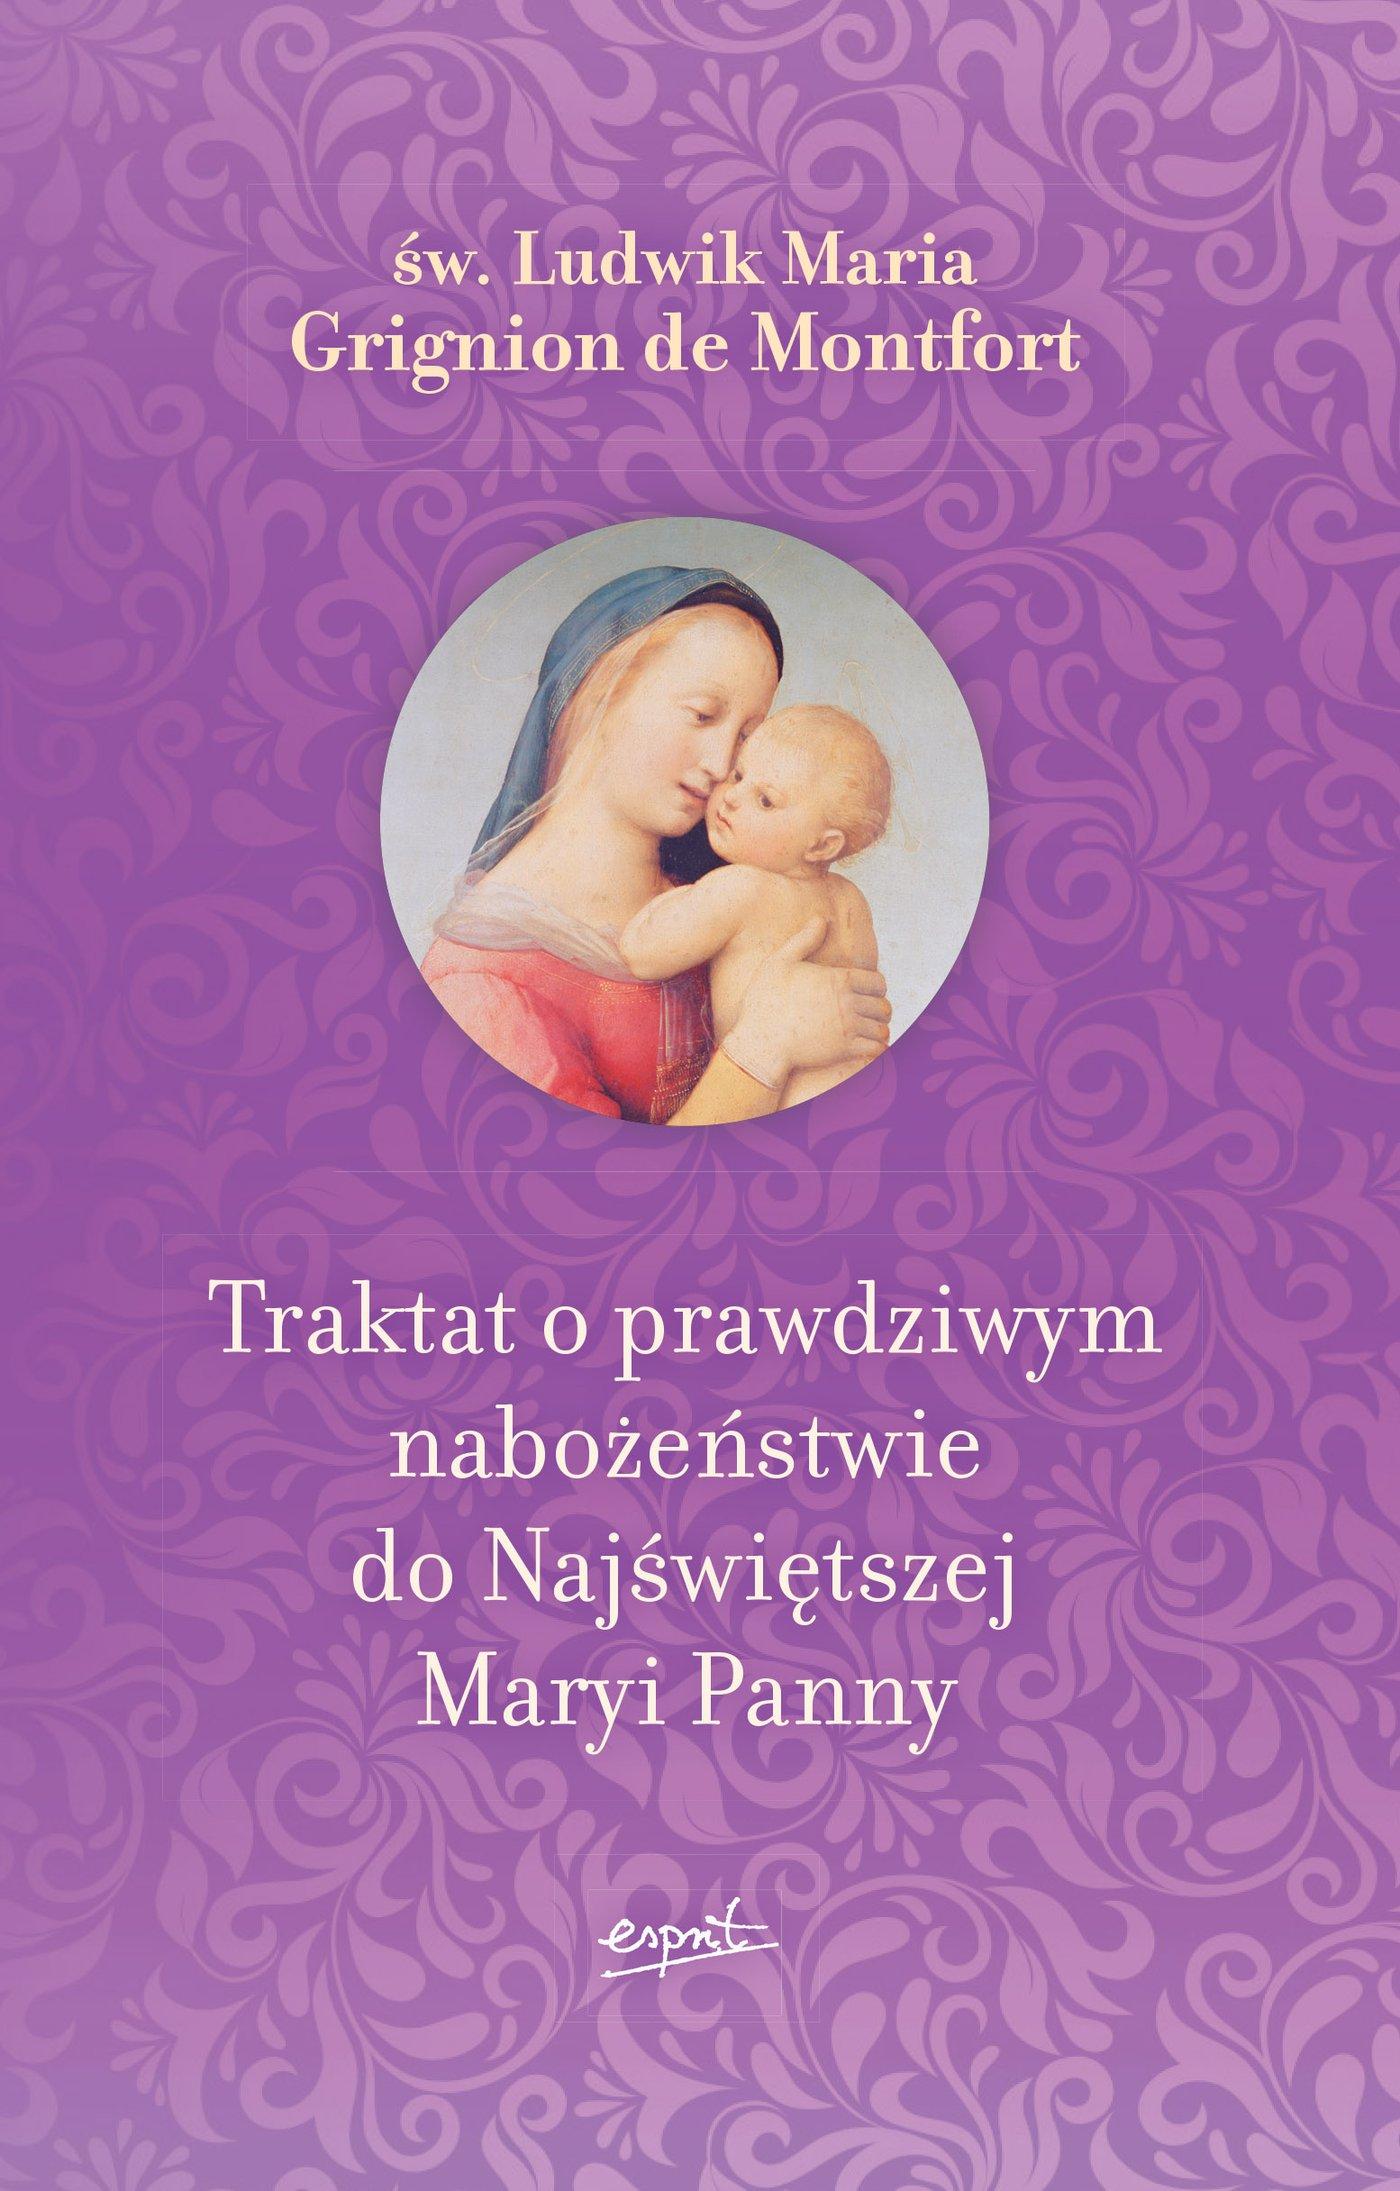 Traktat o prawdziwym nabożeństwie do Najświętszej Maryi Panny - Ebook (Książka na Kindle) do pobrania w formacie MOBI